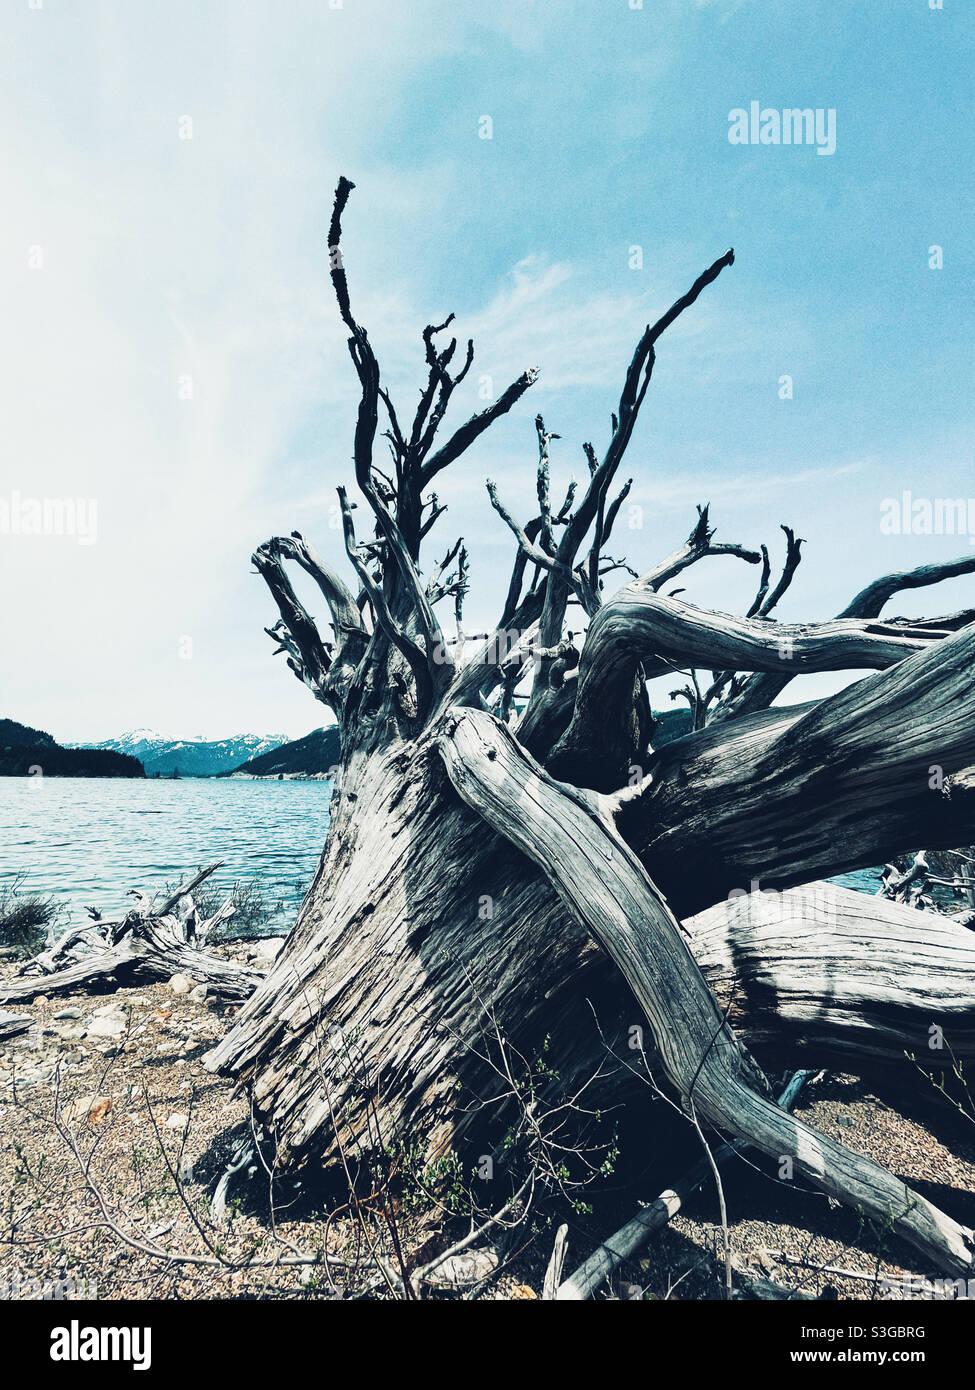 El hombre hizo el lago Kecheelus y restos de grandes árboles en la orilla, paso de Snoqualmie, estado de Washington Foto de stock